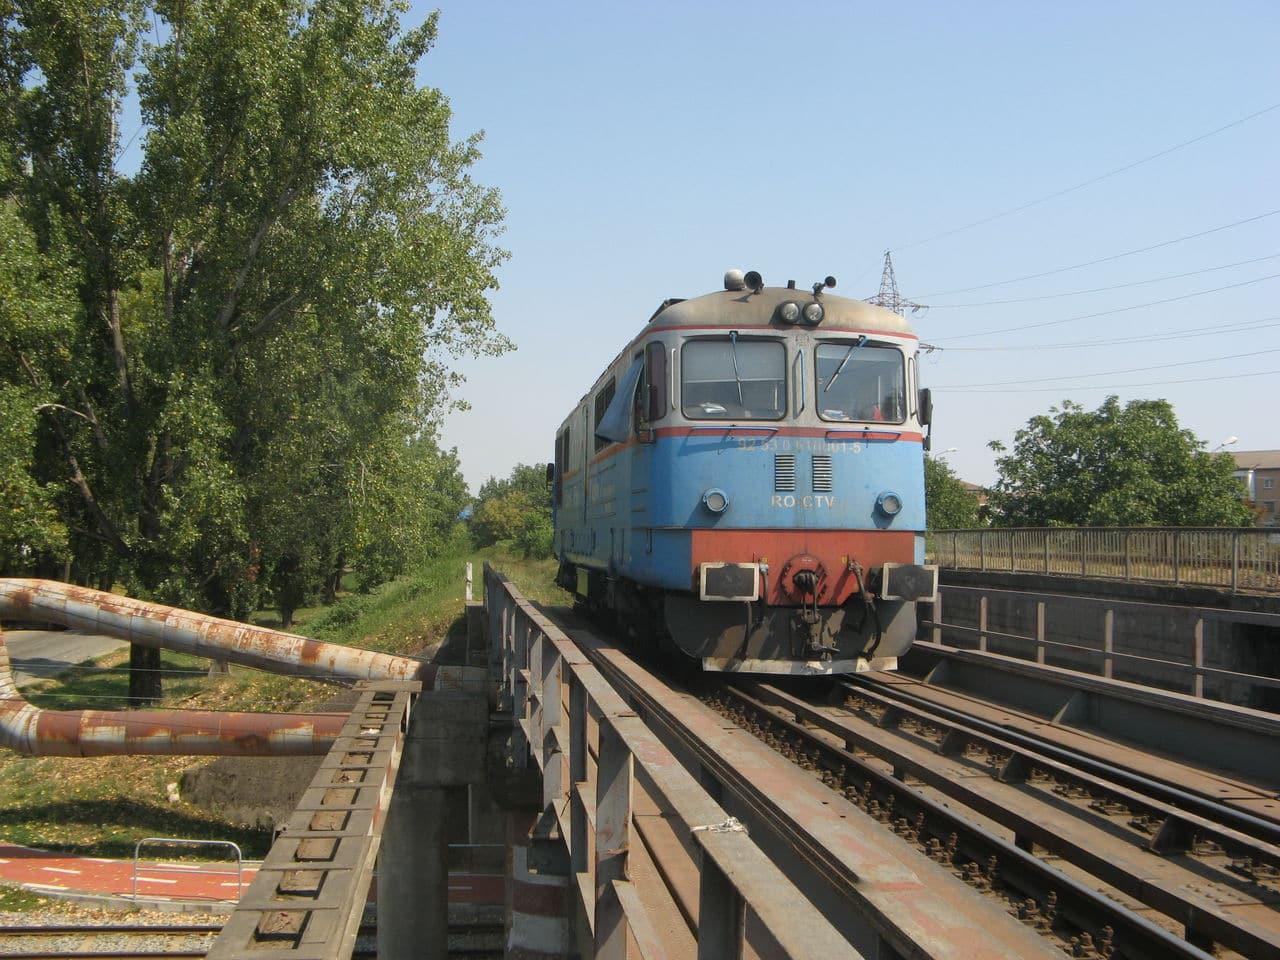 Calea ferată directă Oradea Vest - Episcopia Bihor IMG_0023